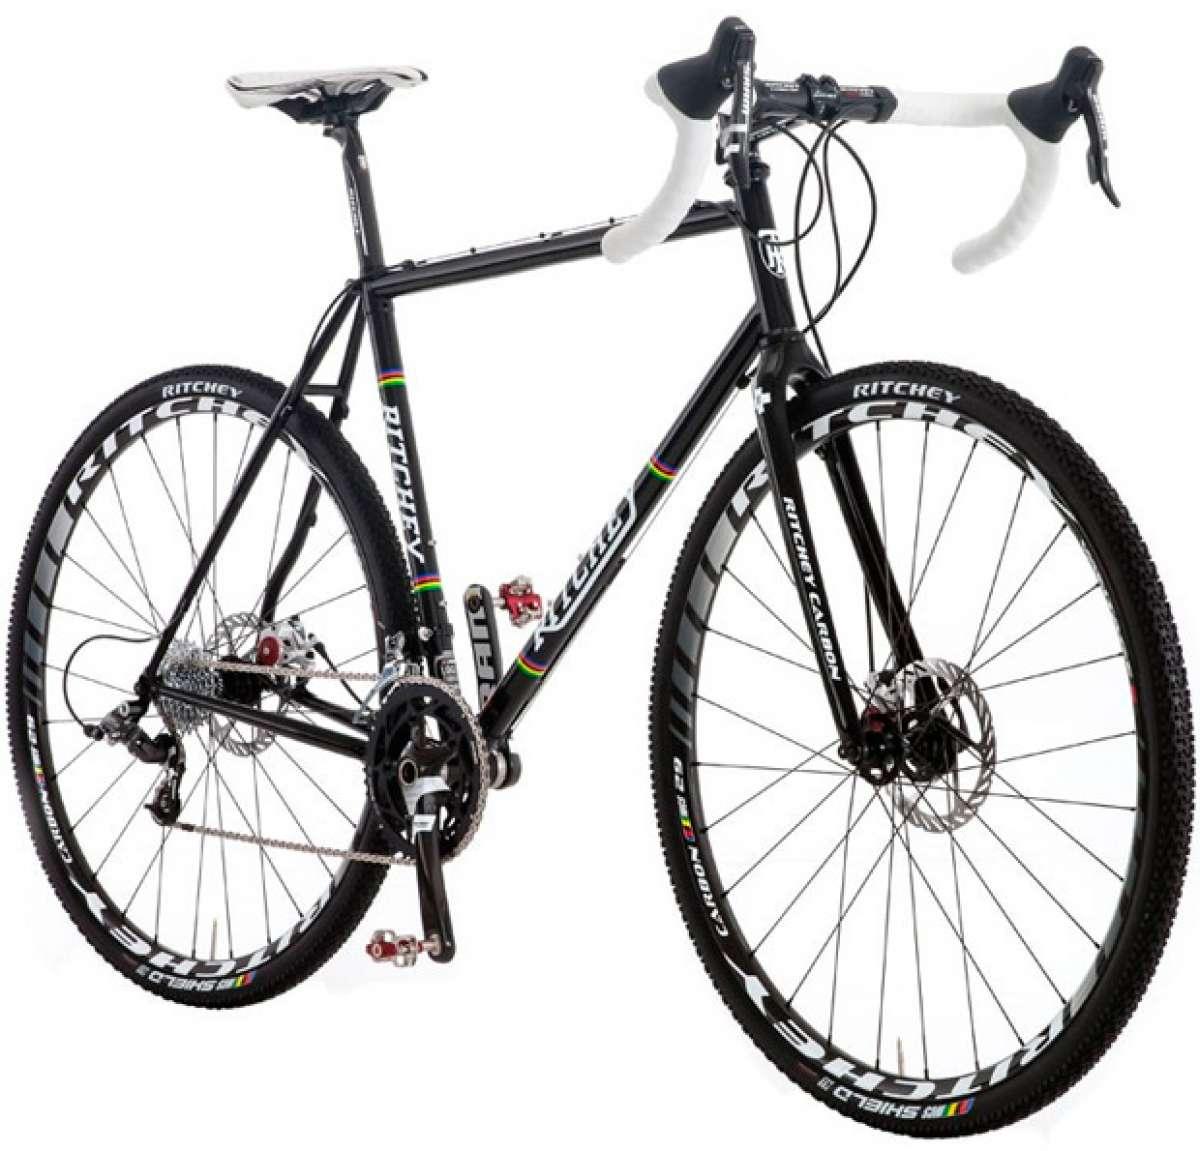 """Ritchey Swiss Cross, la nueva bicicleta """"todocamino"""" de Ritchey"""